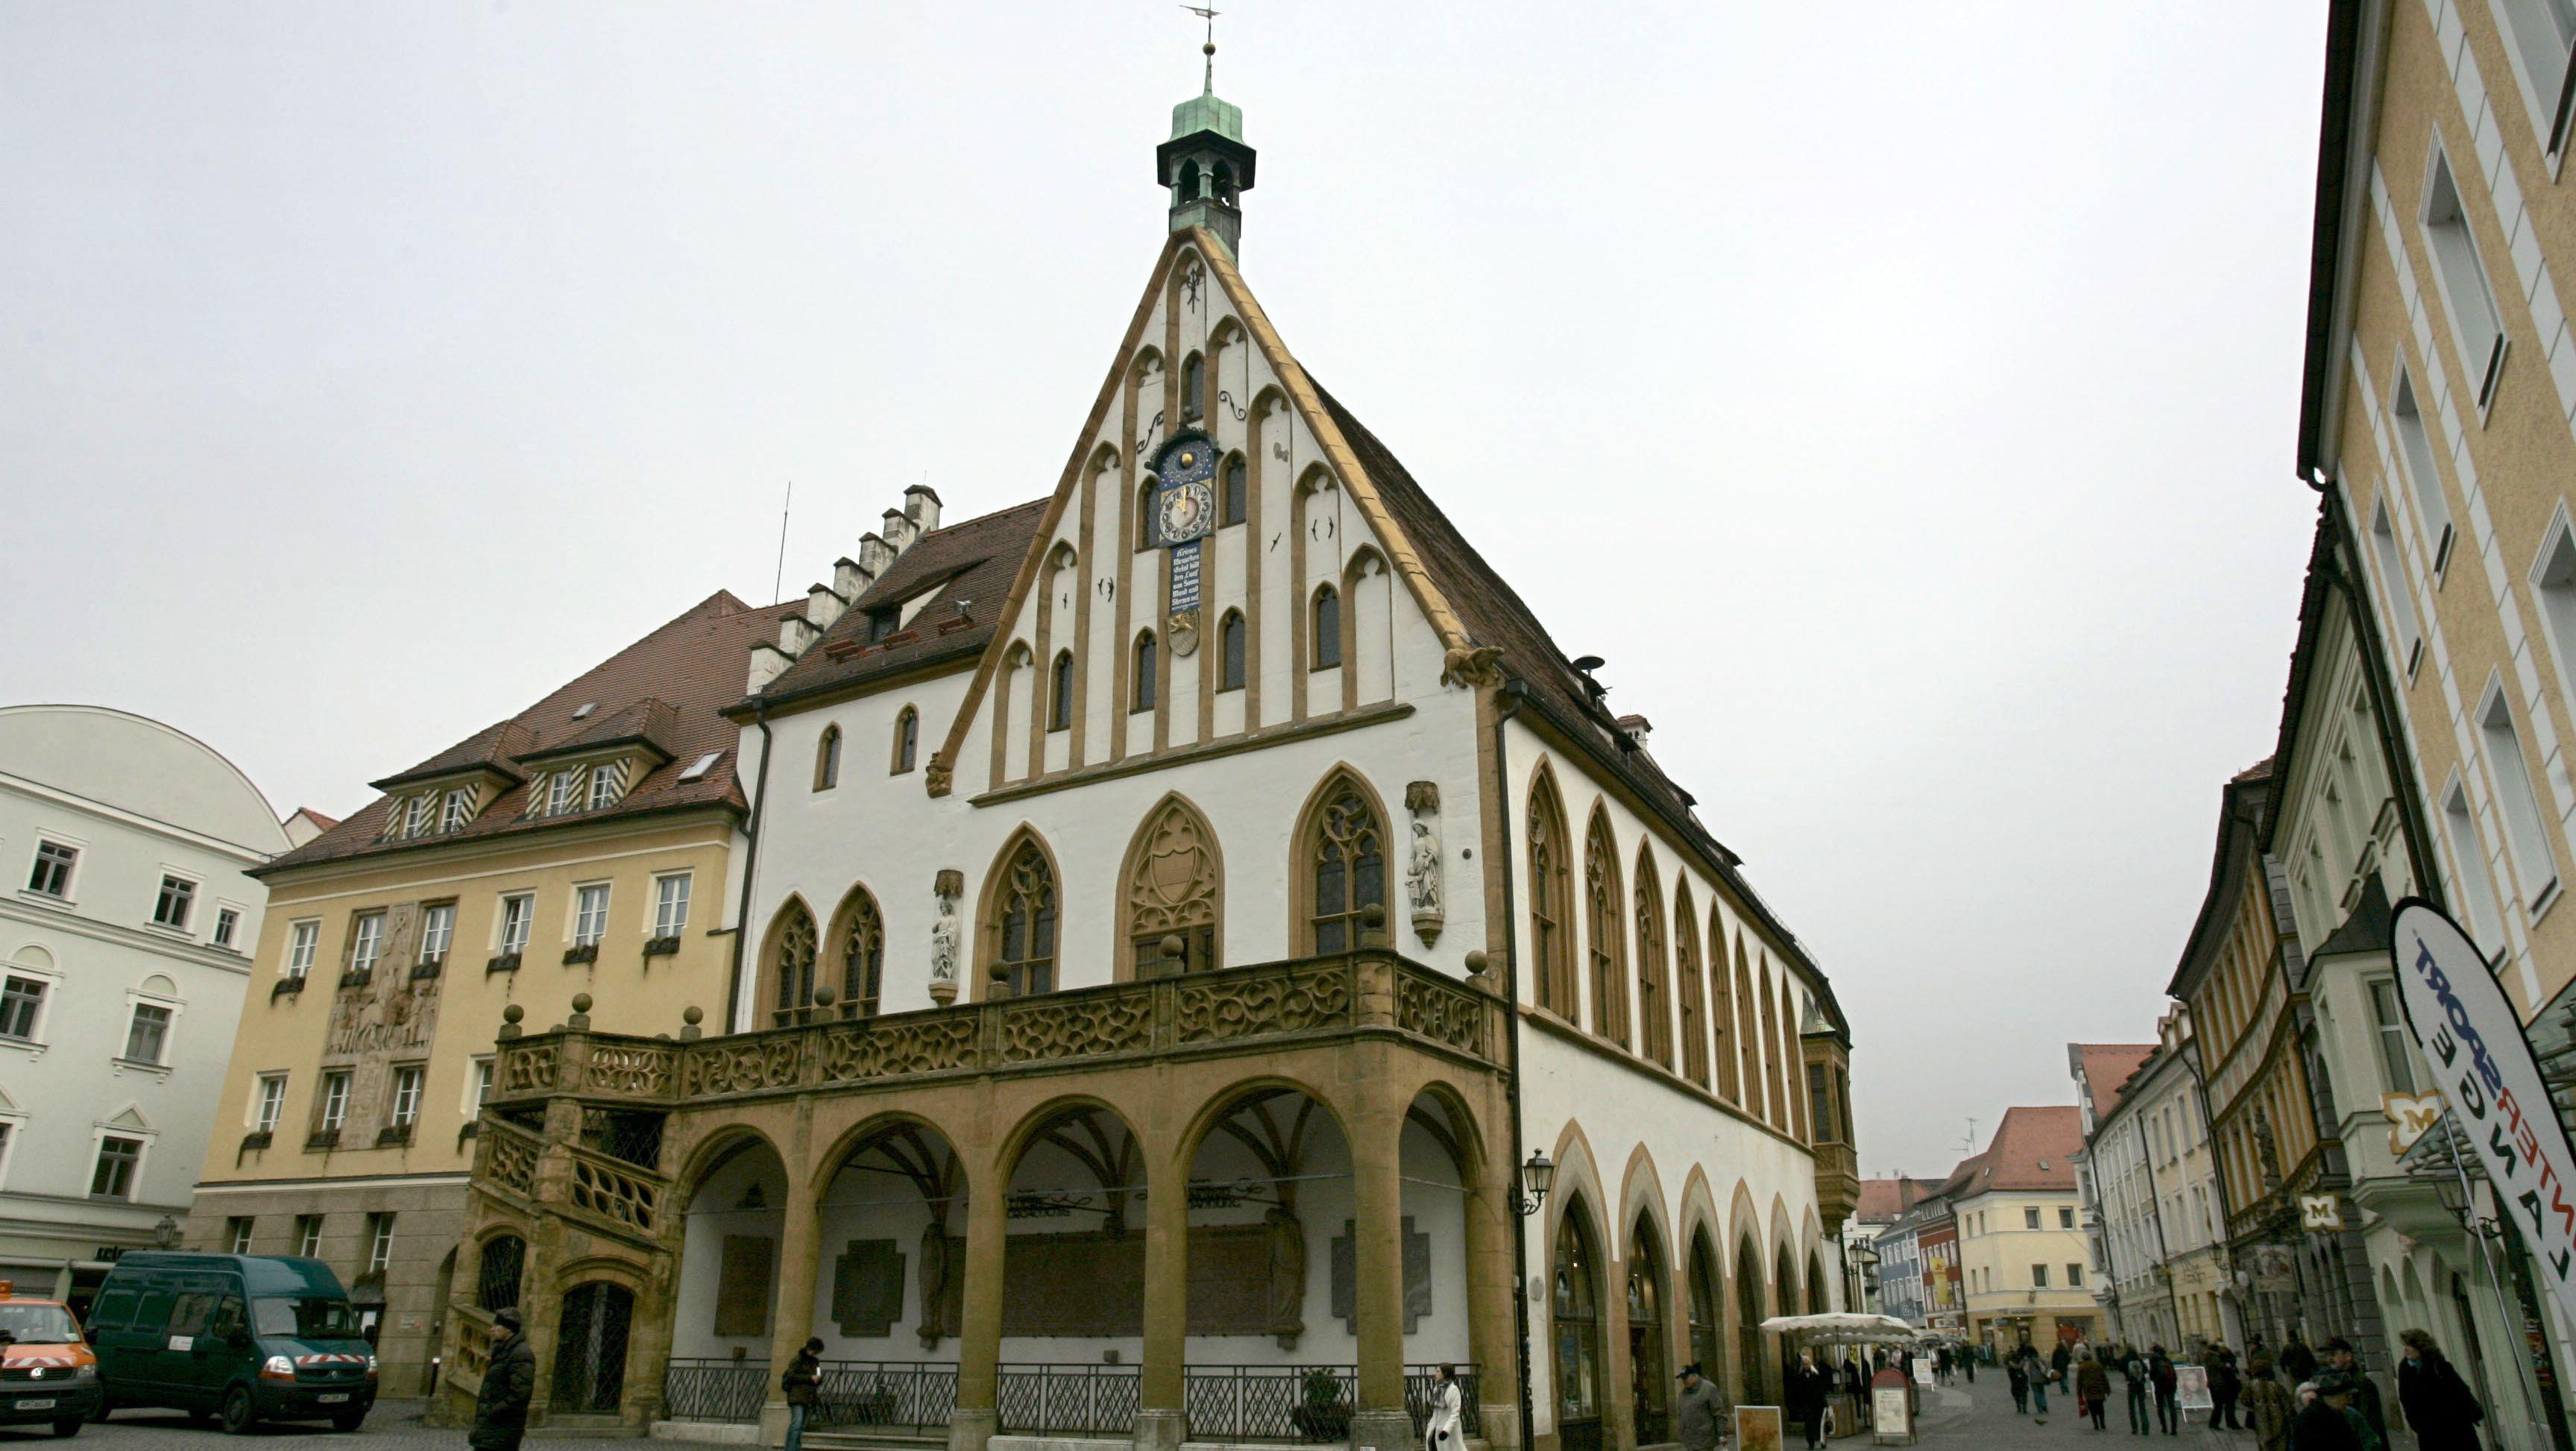 Aufgrund der Corona-Pandemie schließen einige Städte in der Oberpfalz bis auf weiteres auch ihre Stadtverwaltungen.